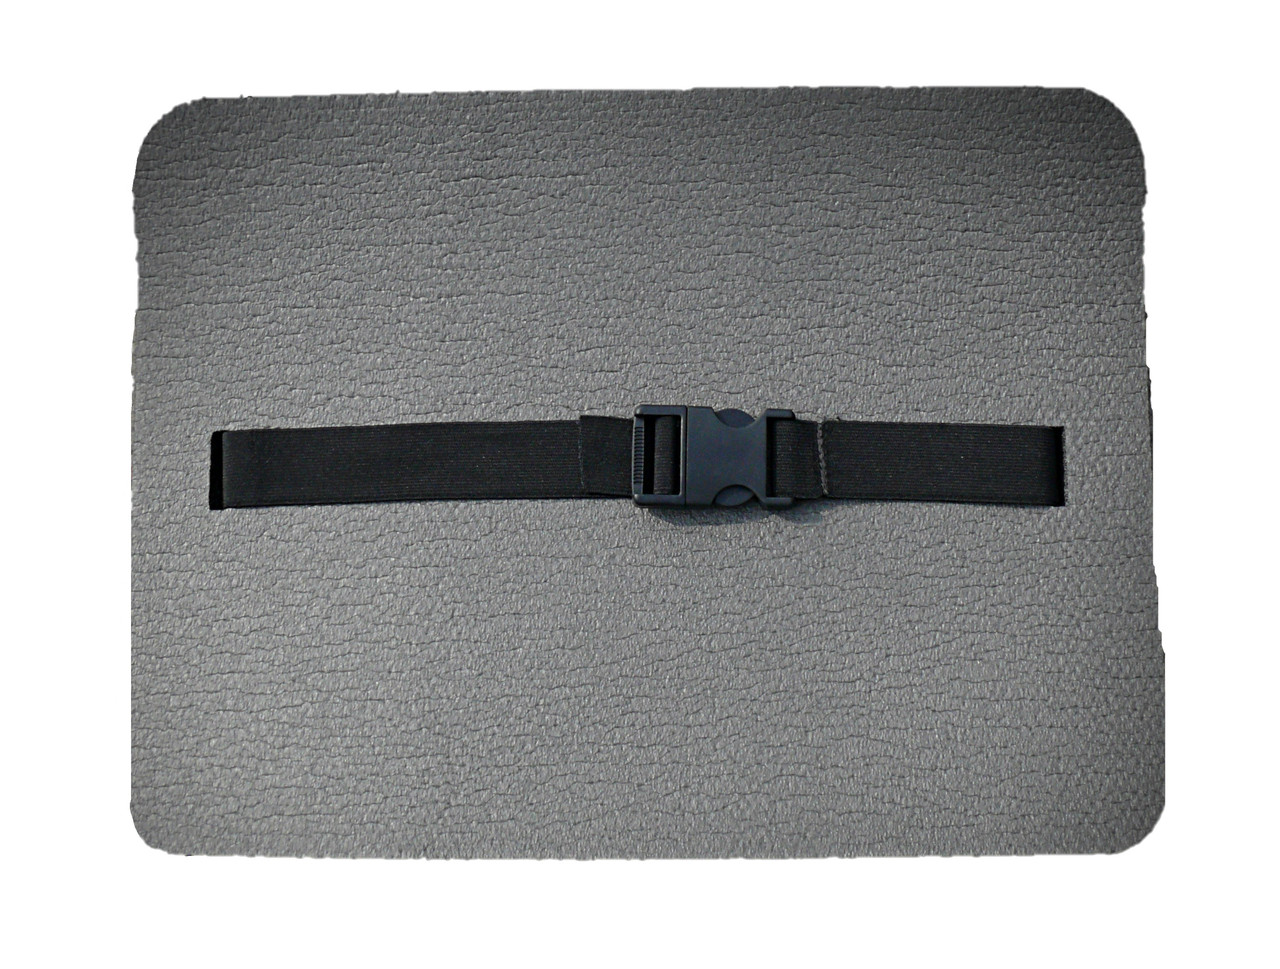 Туристичне сидіння, 25х30 см, сіре, т. 12 мм, виробник УкраинаTERMOIZOL®